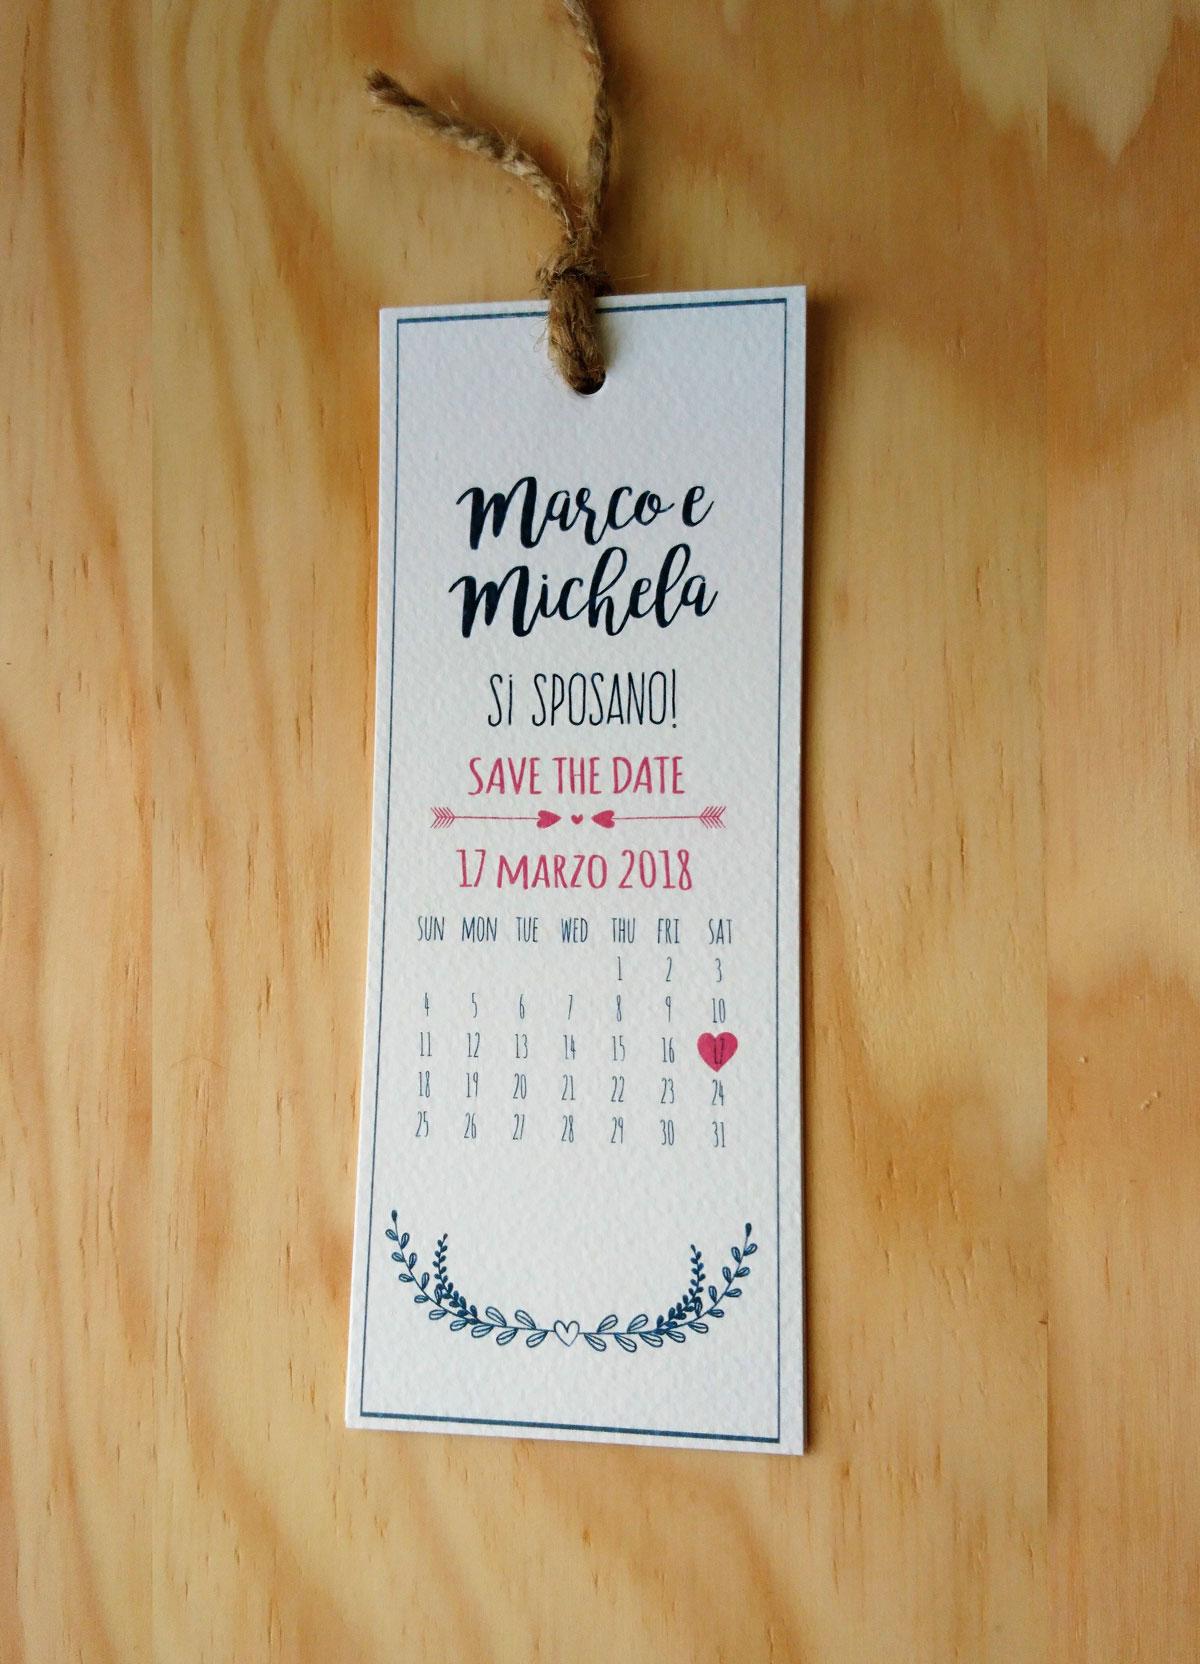 Partecipazioni Matrimonio Segnalibro.Partecipazione A Segnalibro Con Calendario Laspigalilla